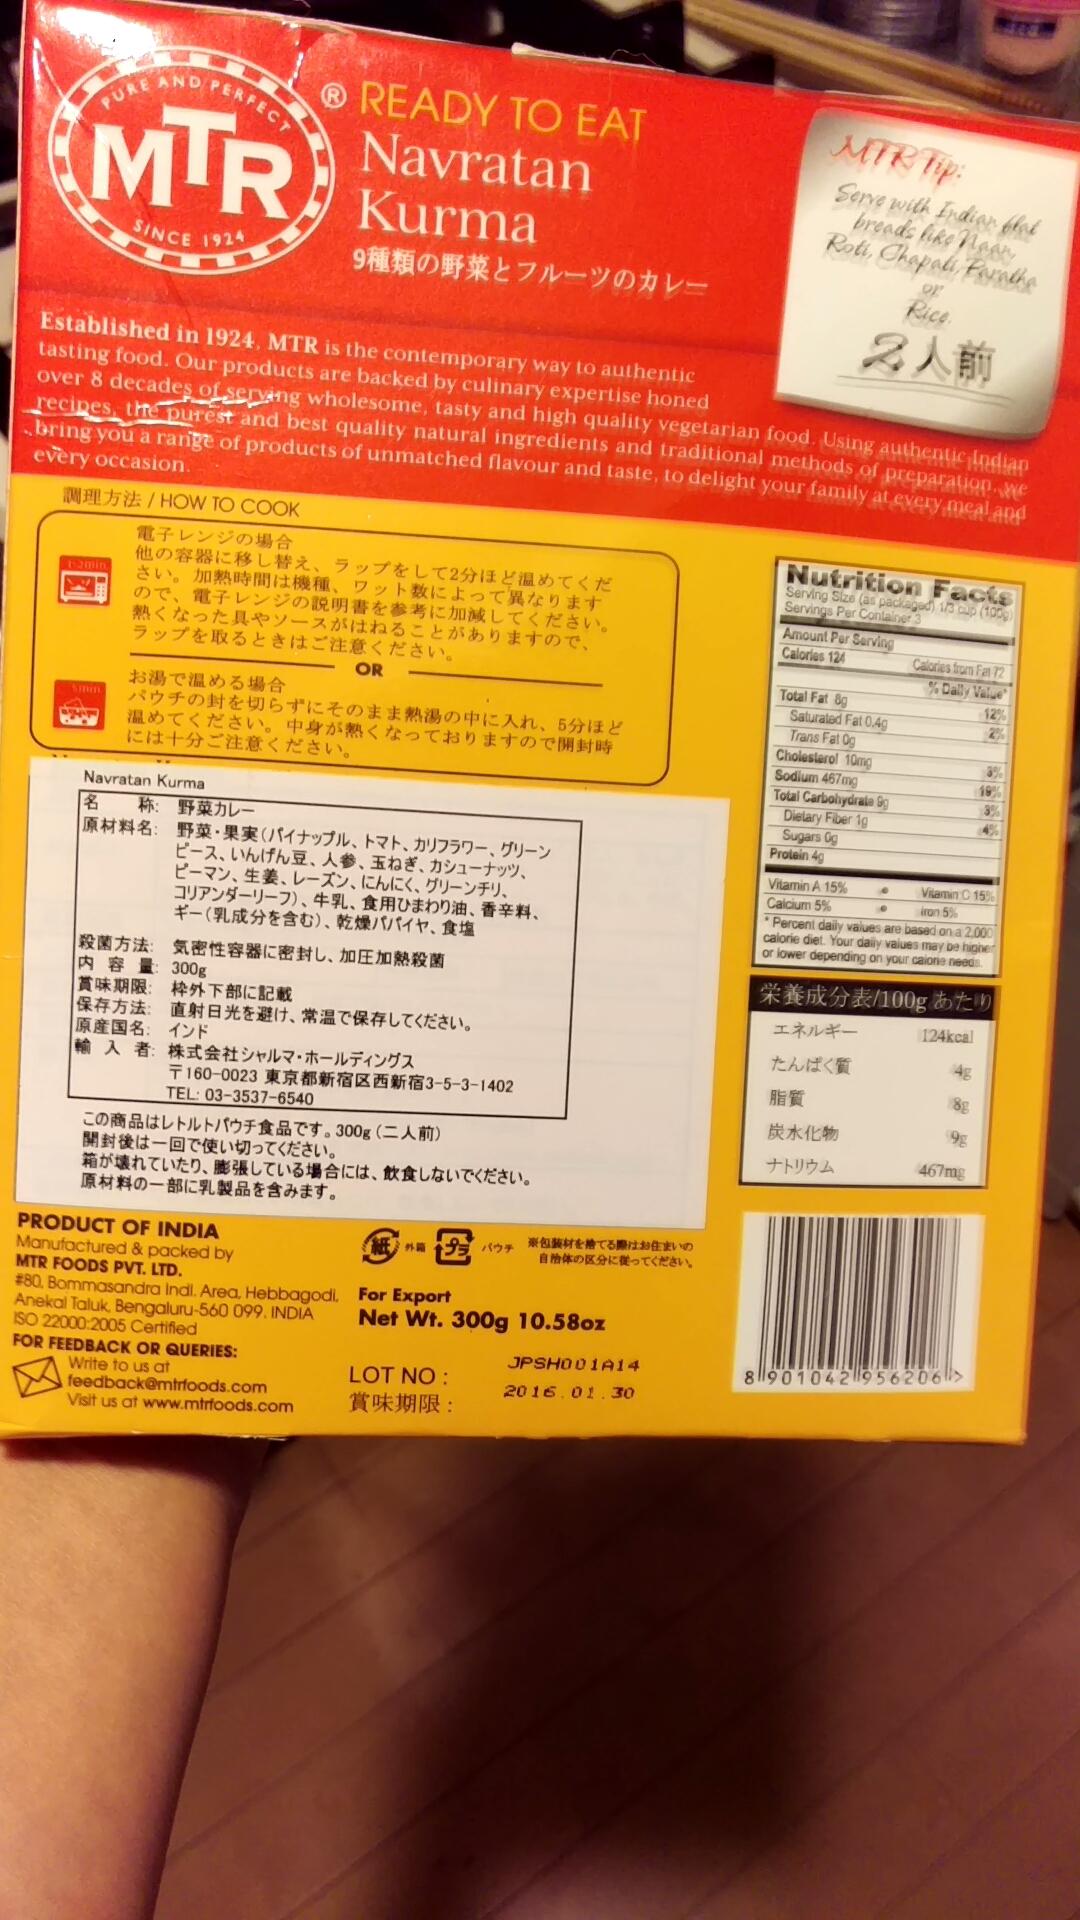 意外とカロリー低い 124kcal/100g